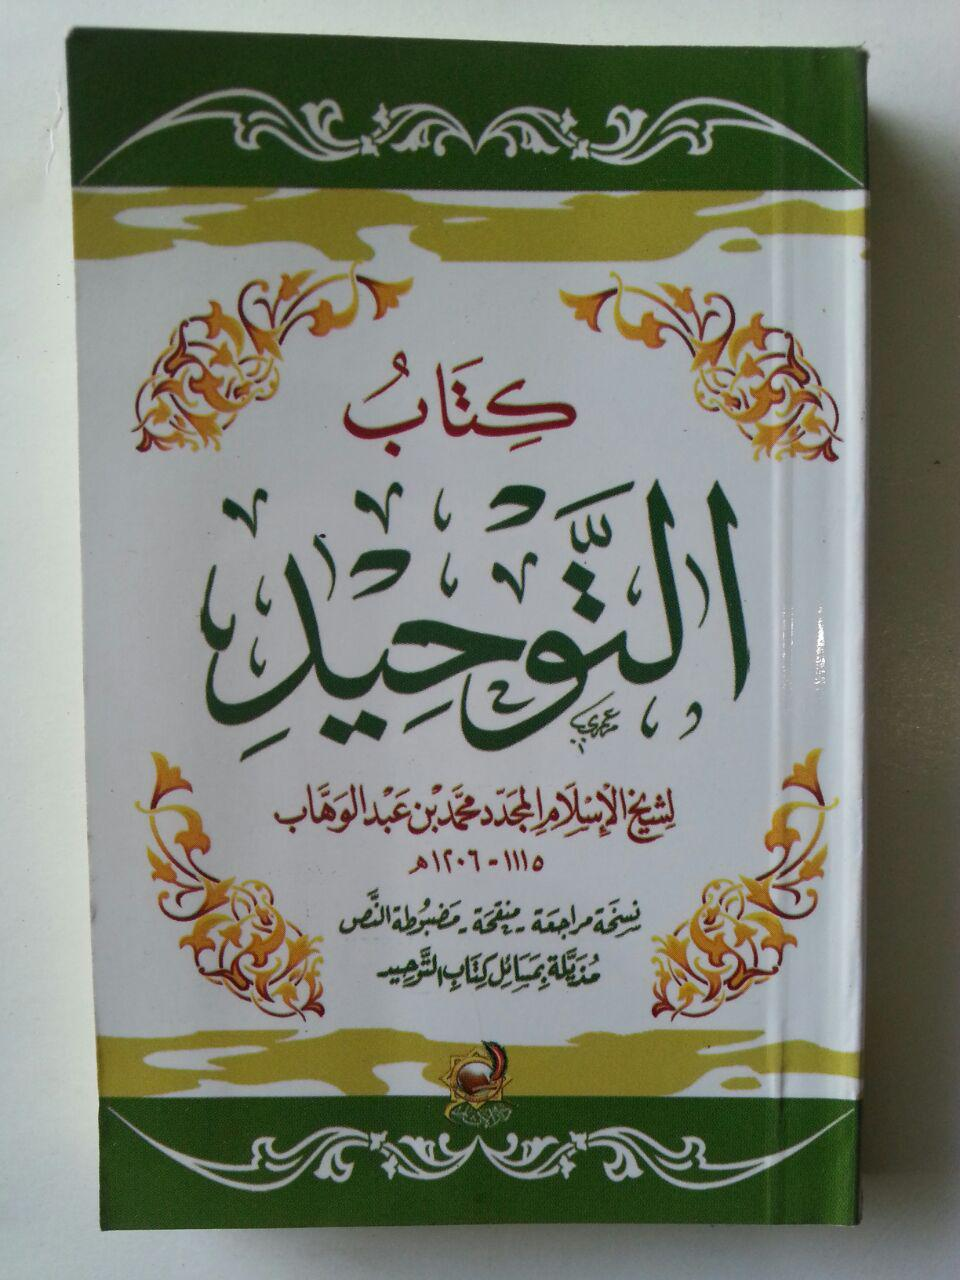 KT071 Kitab Matan Kitab At-Tauhid Muhammad bin Abdul Wahhab cover